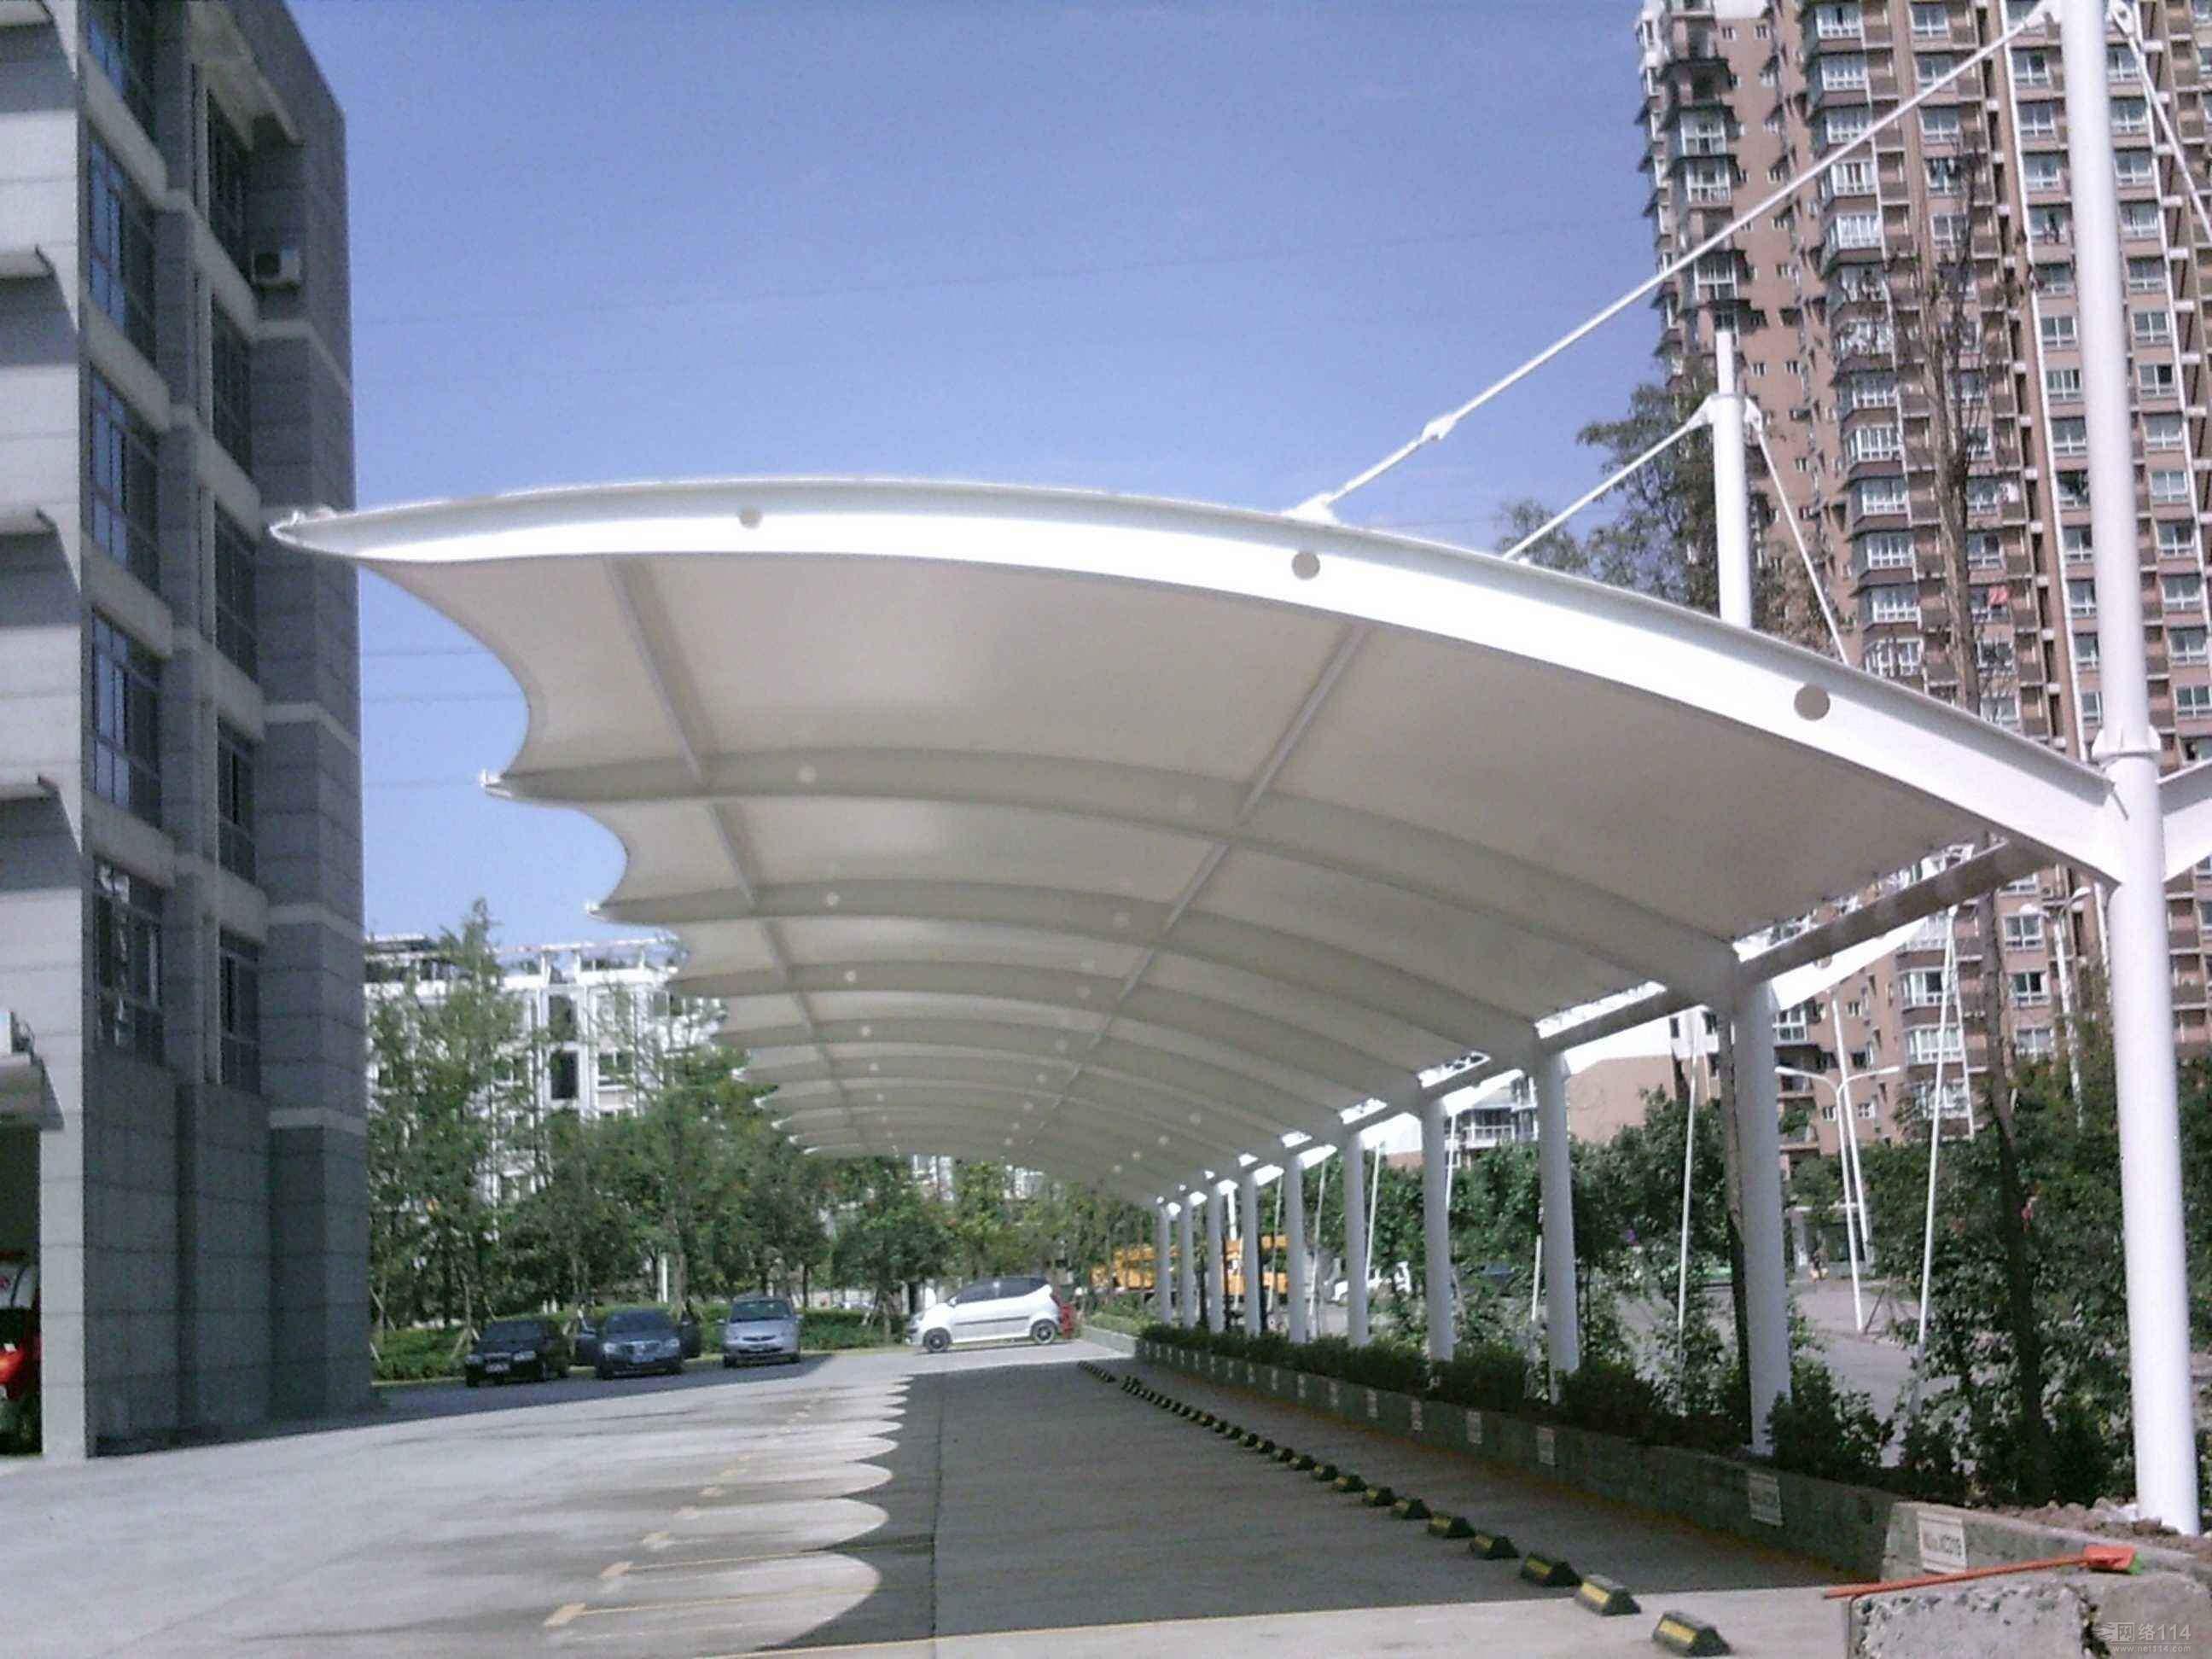 浅析羽毛球场膜结构雨棚的性能